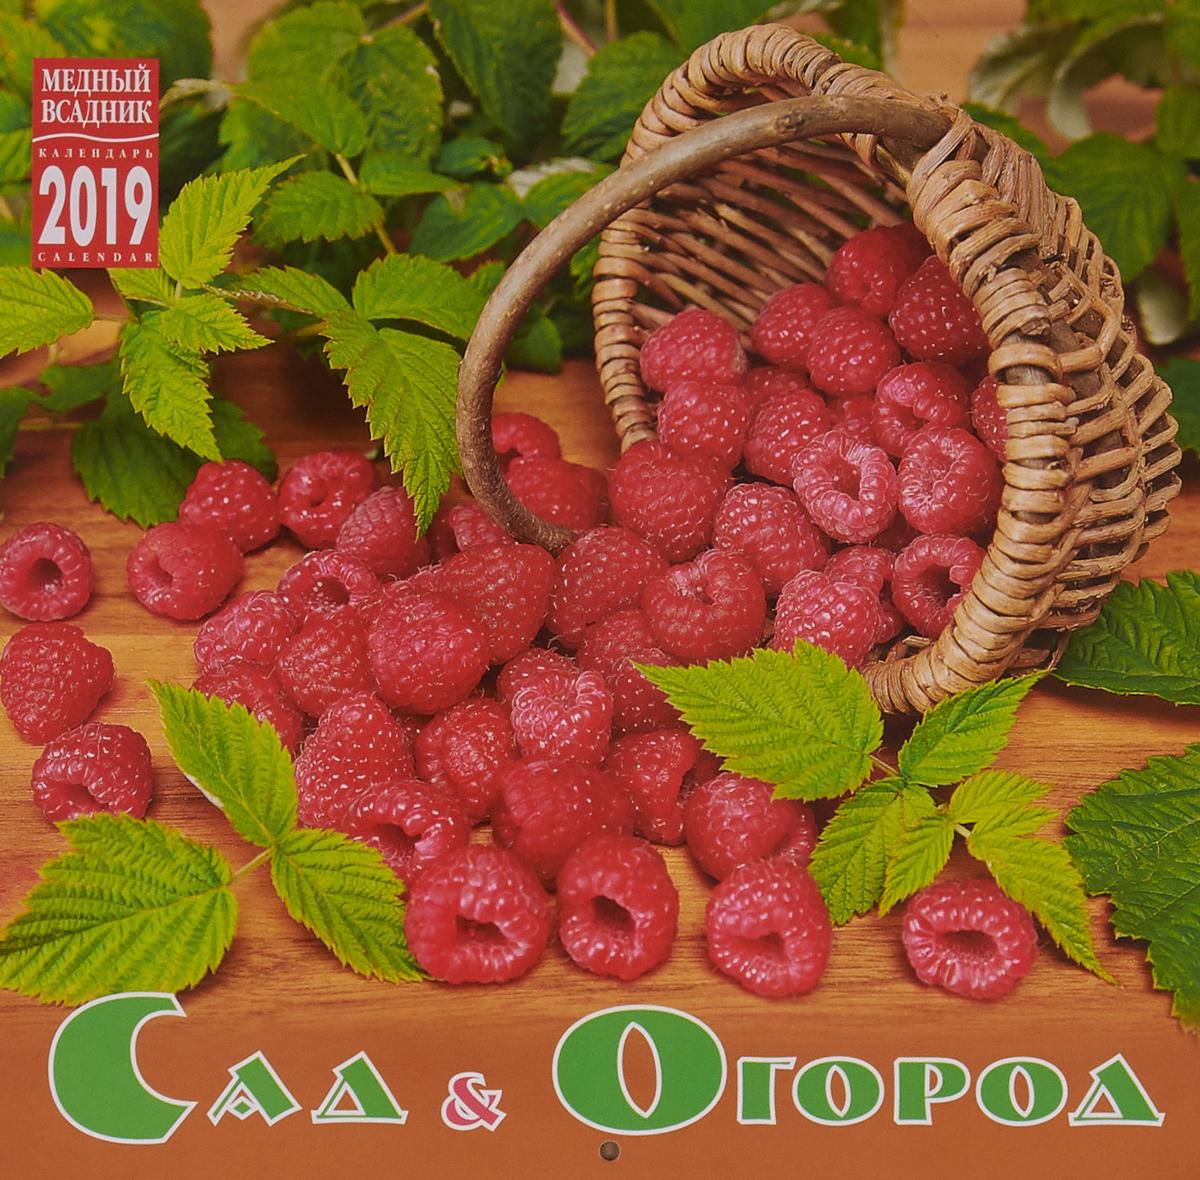 купить Календарь на скрепке на 2019 год. Сад и огород по цене 93 рублей